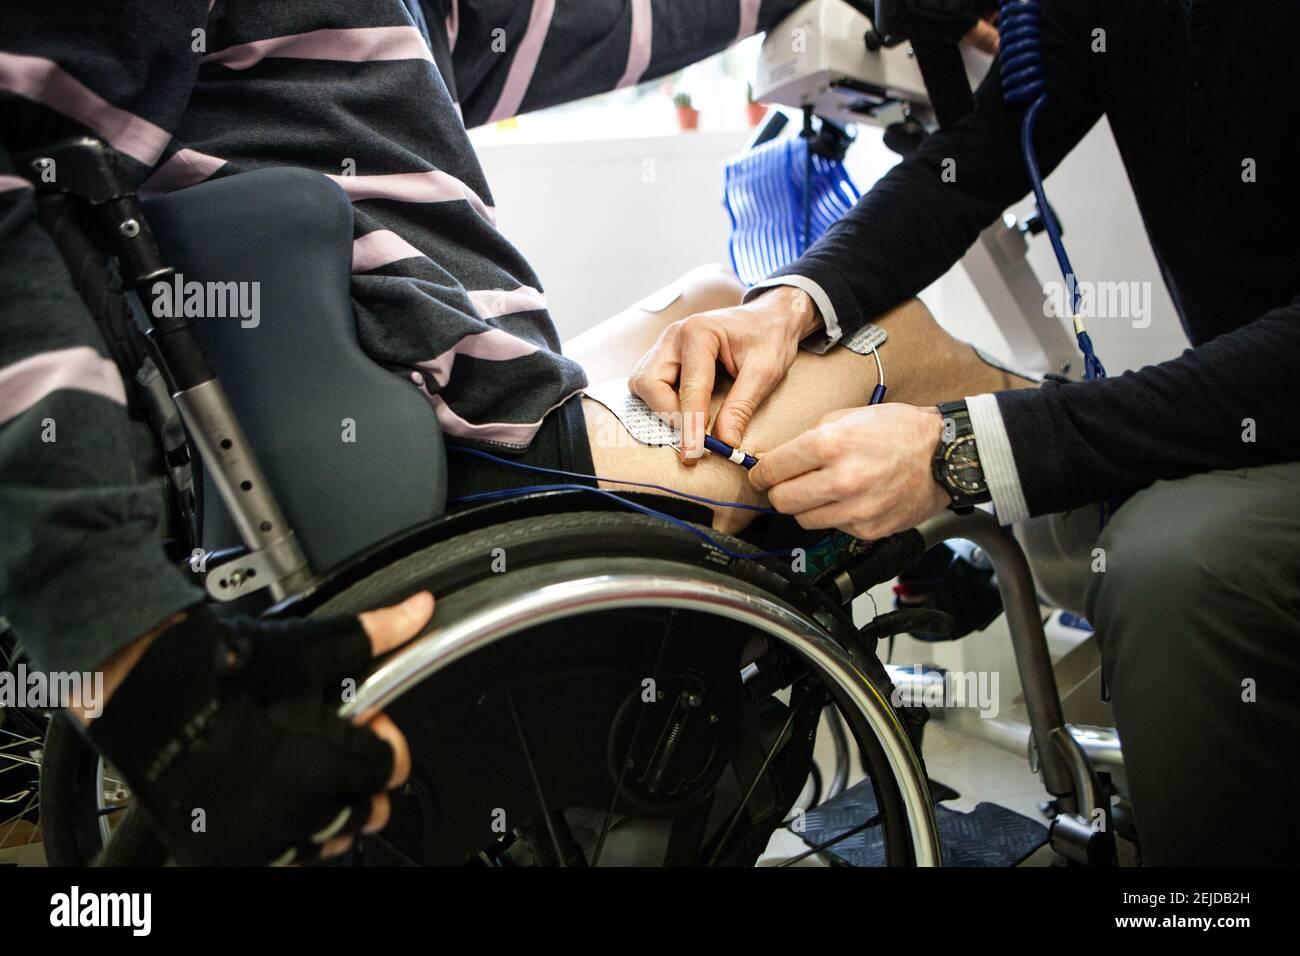 Competencia de atletas equipados con dispositivos biónicos utilizando electroestimulación e interfaces cerebro-máquina. Foto de stock